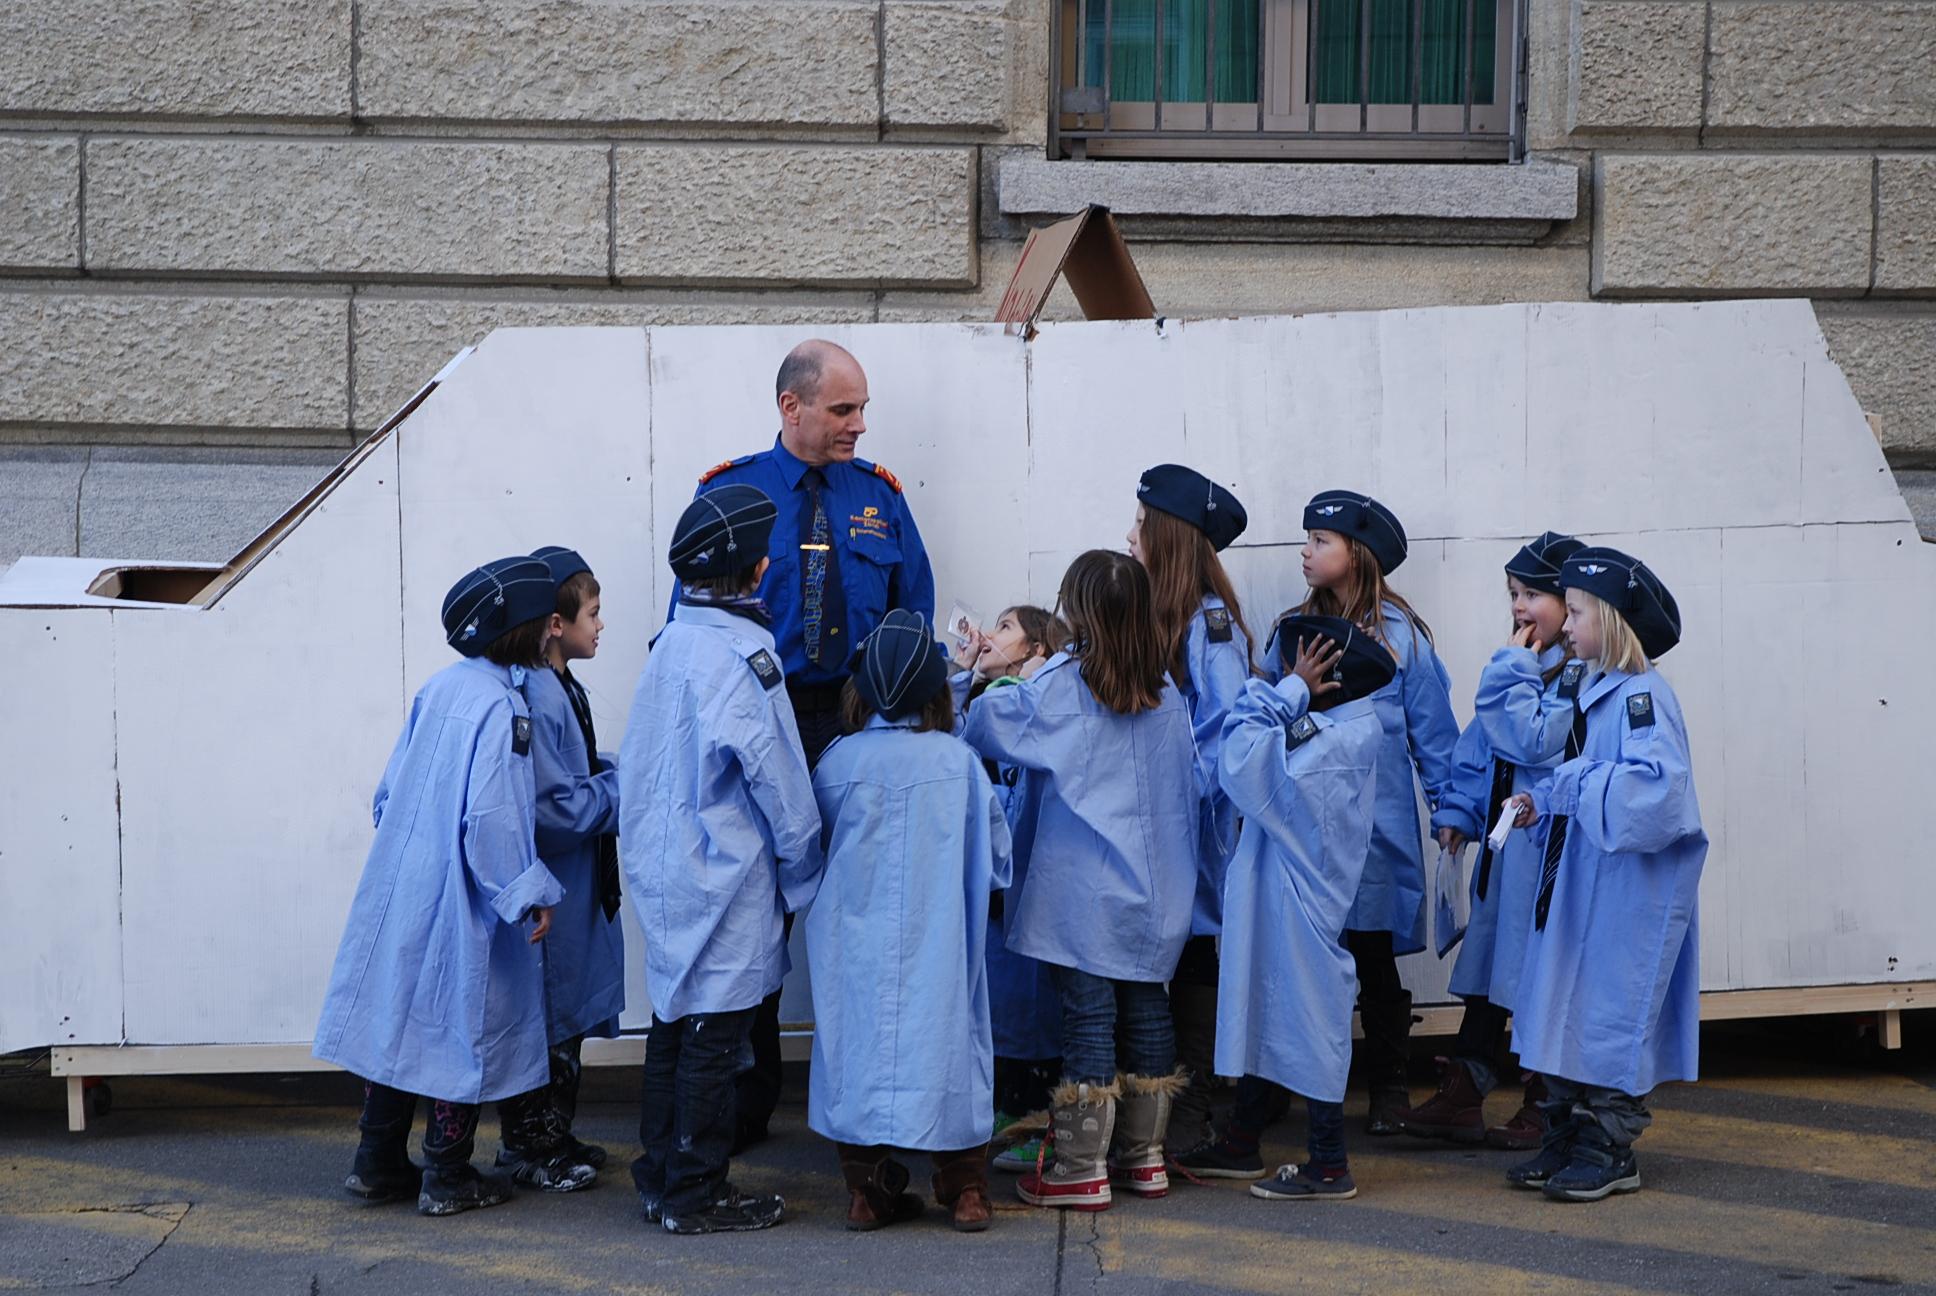 7 kinderpolizei3.jpg